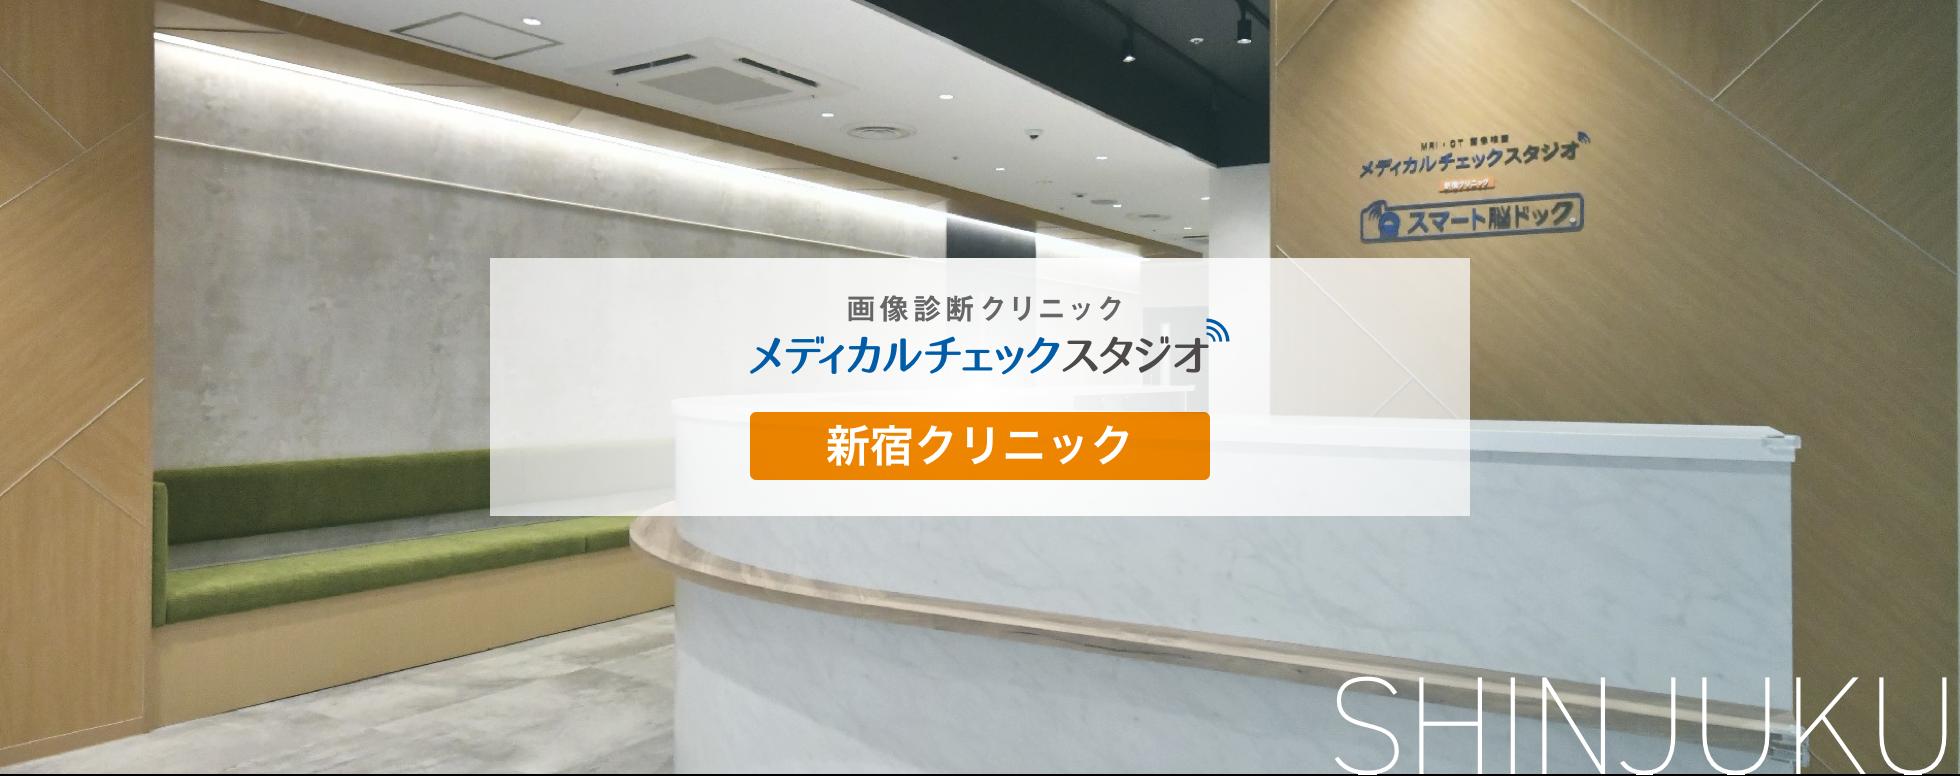 MCS東京銀座クリニック